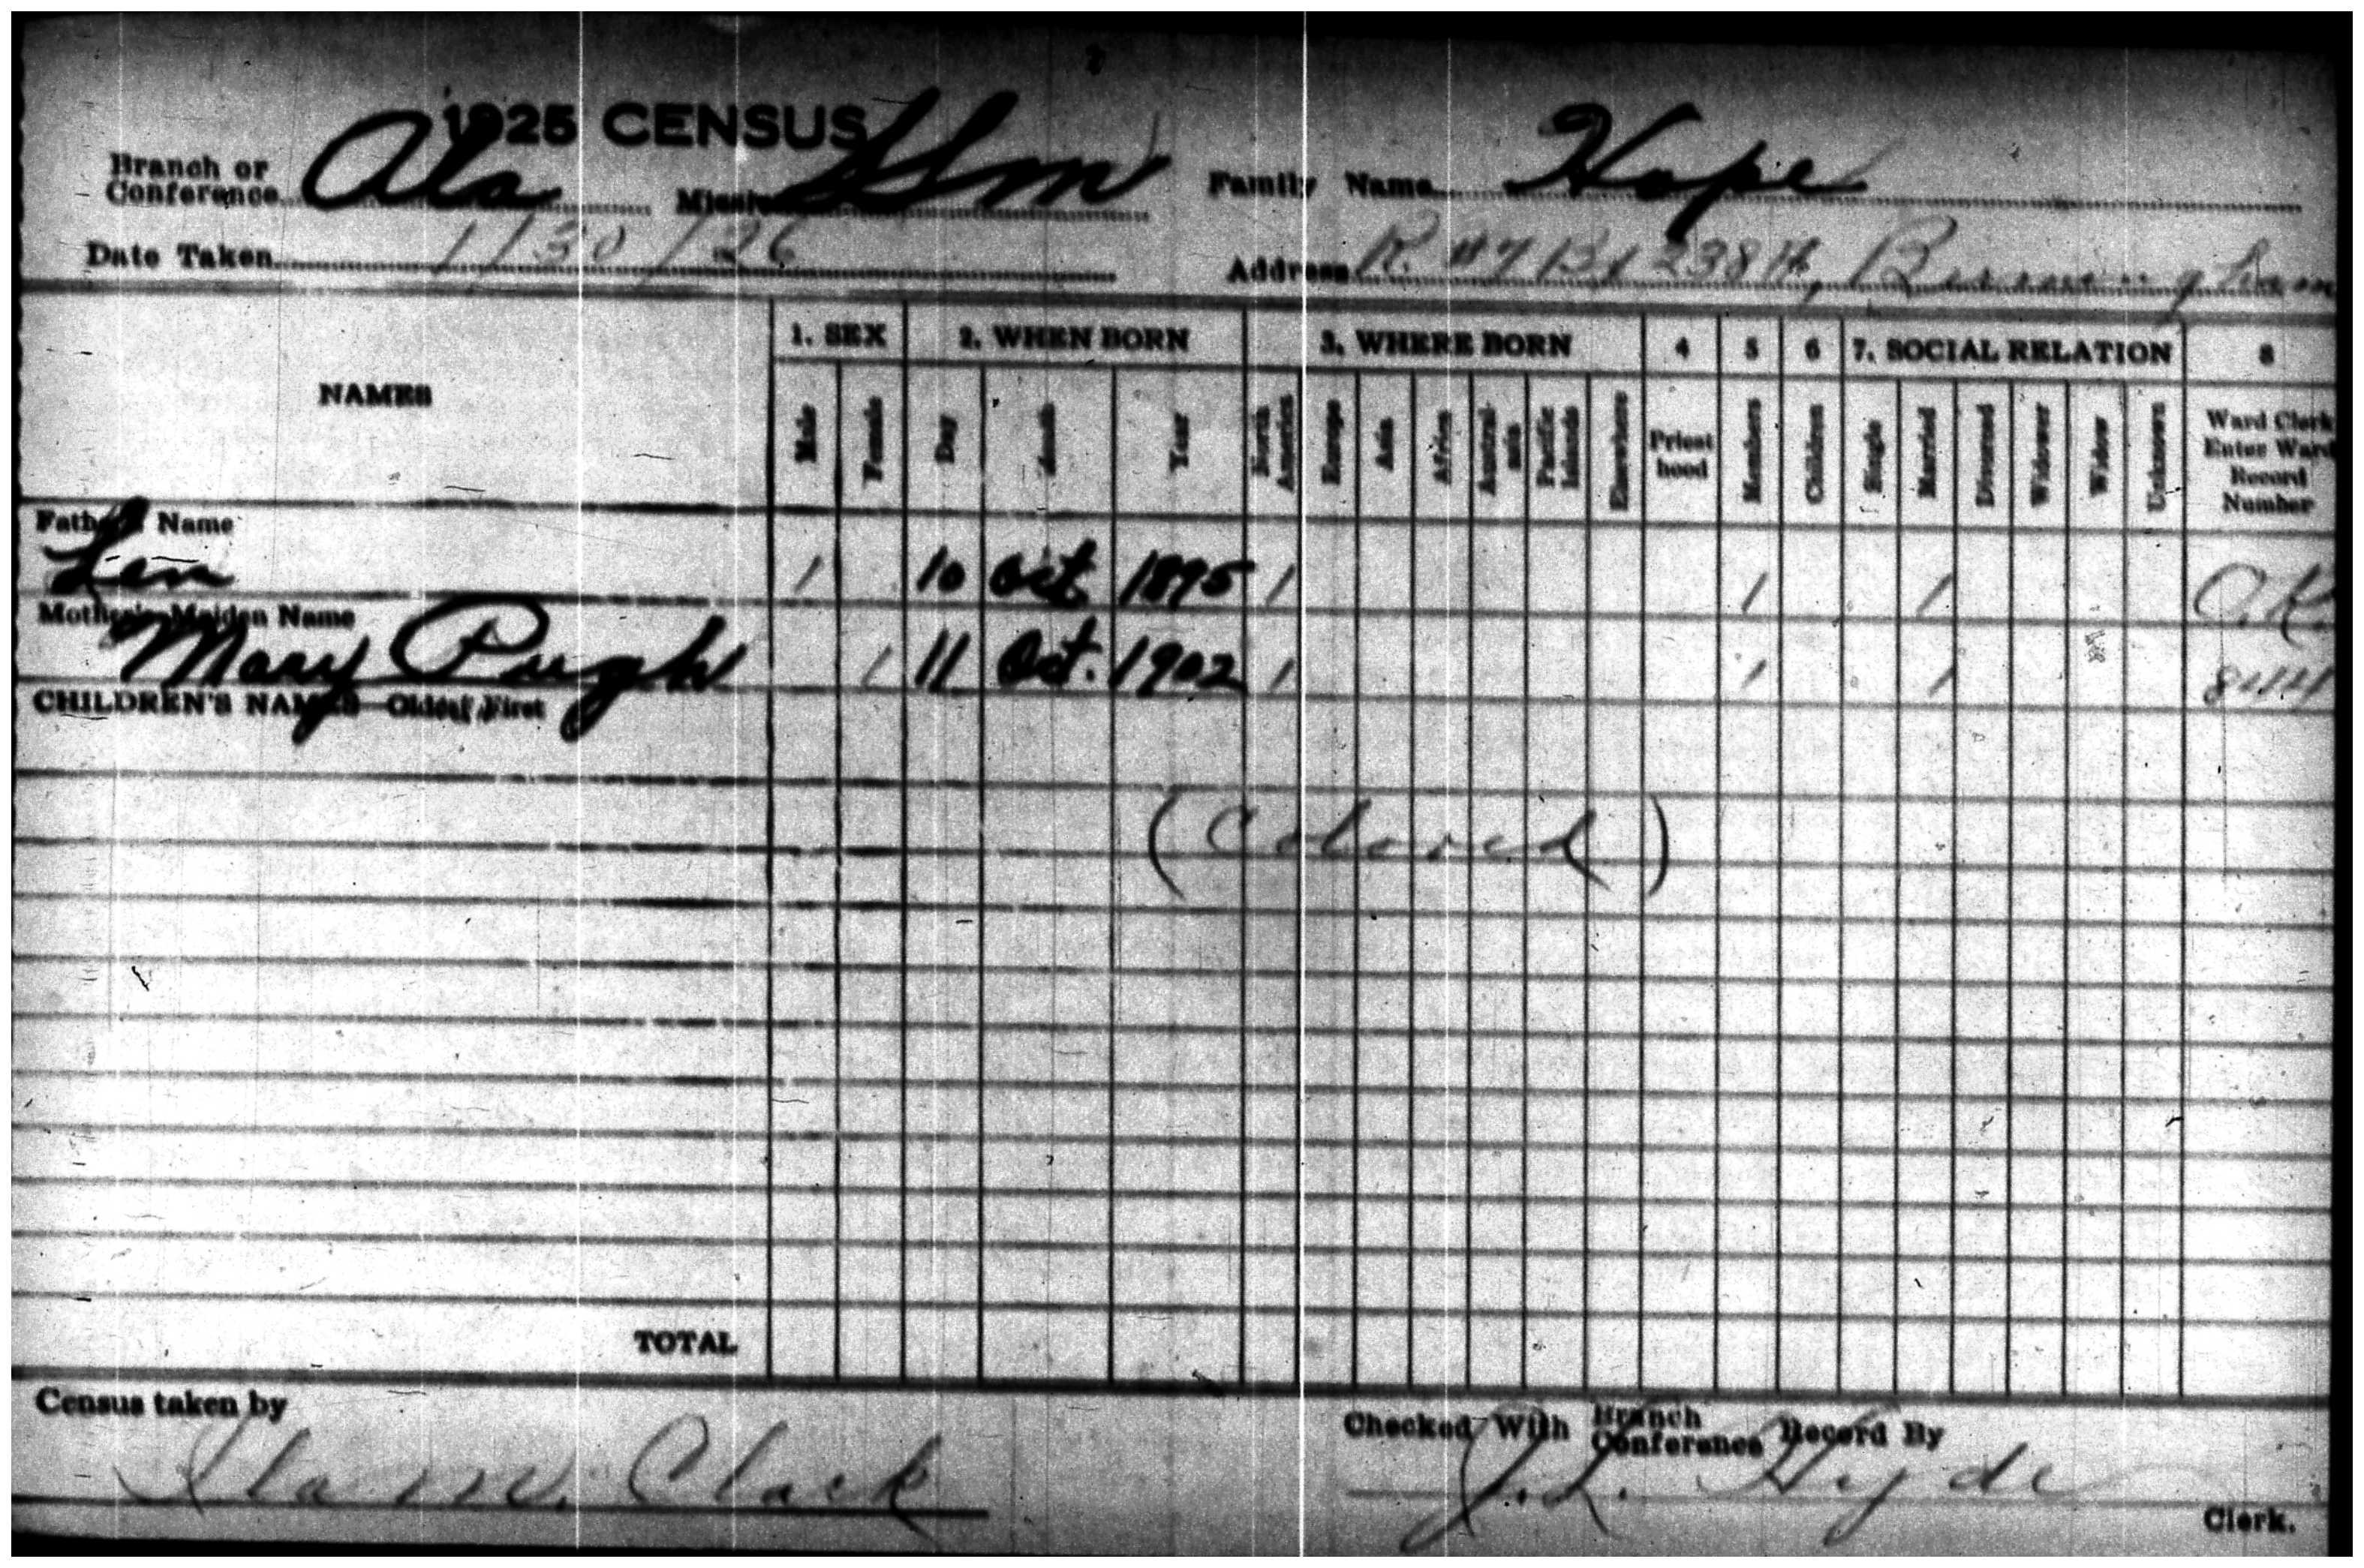 Len Hope, 1925 LDS Census